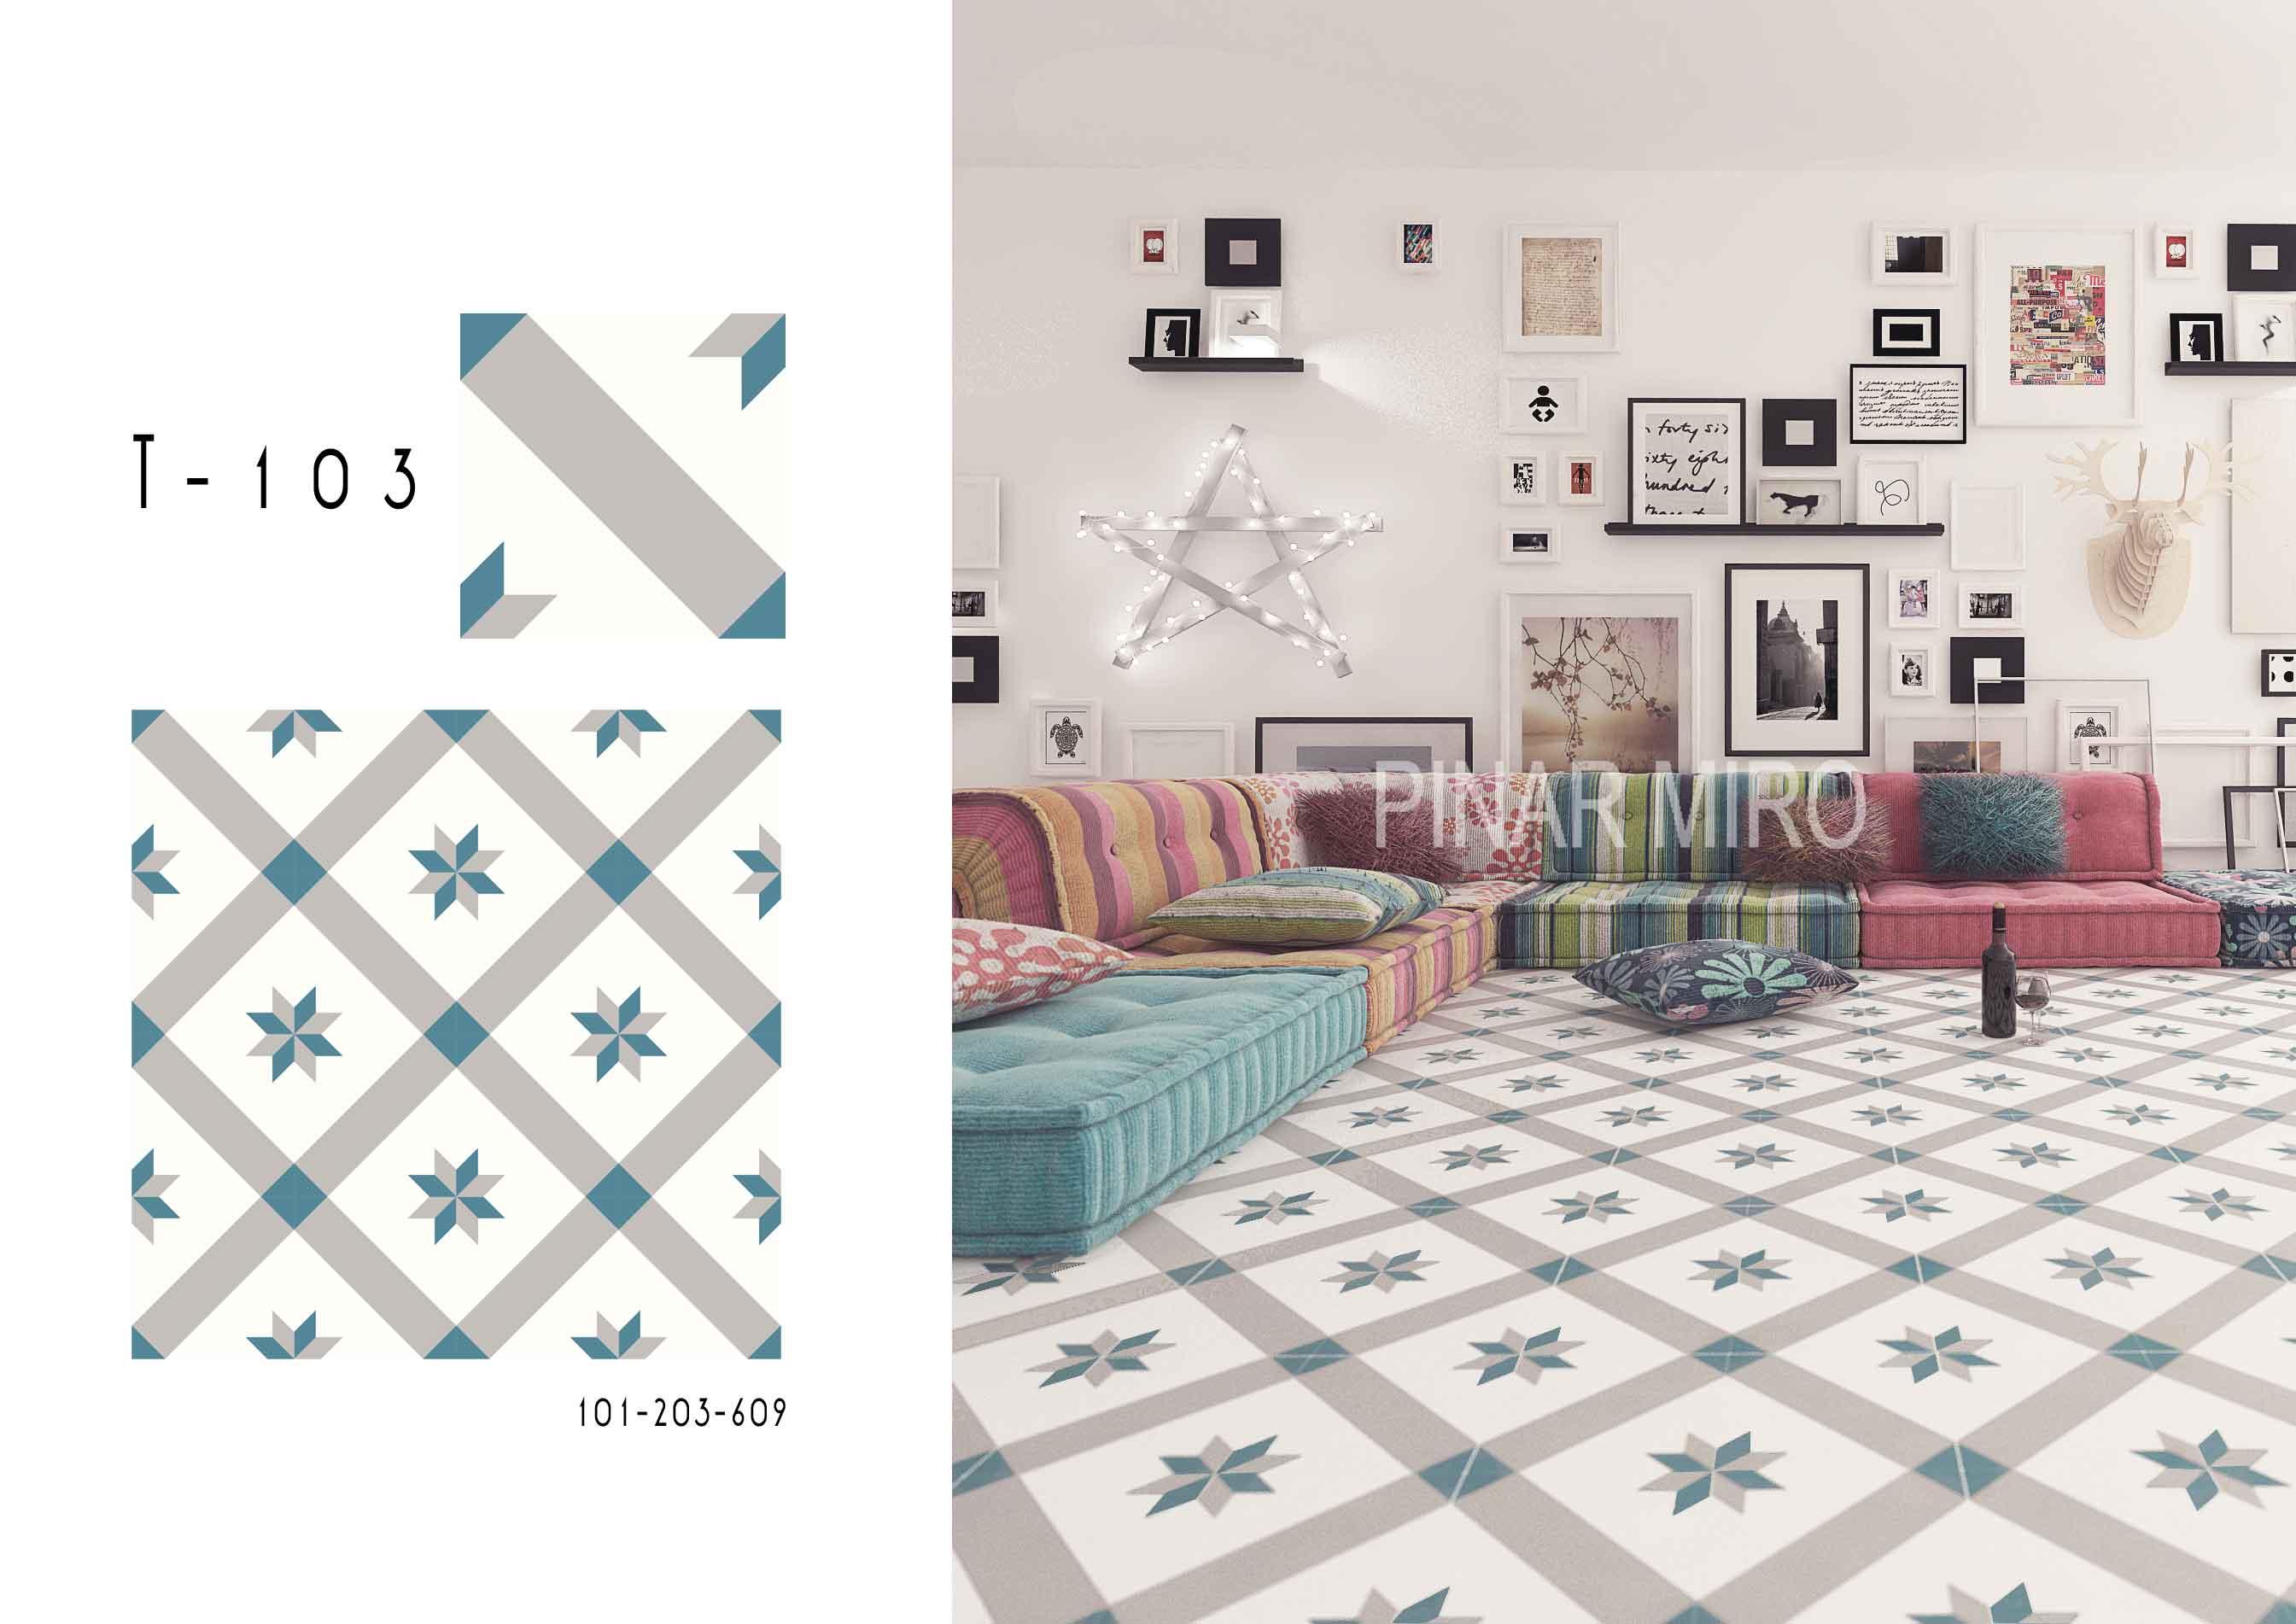 1t103-pinar-miro-cement-tiles